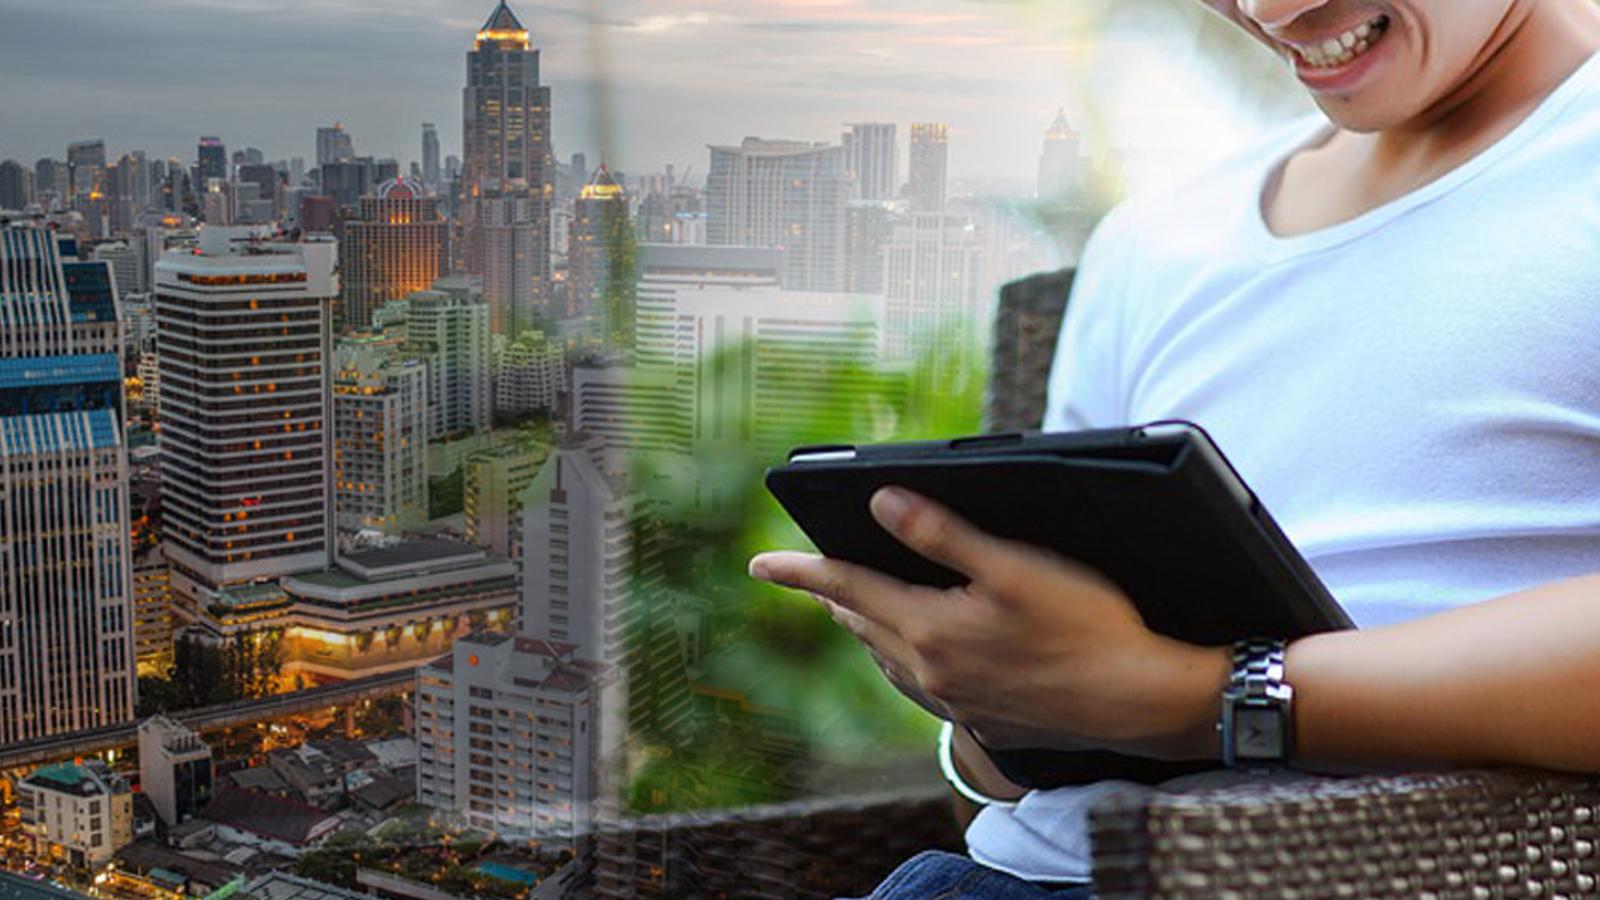 'โดเมน-อีเมล์ไทย' ลดช่องว่าง ในโลกดิจิทัล